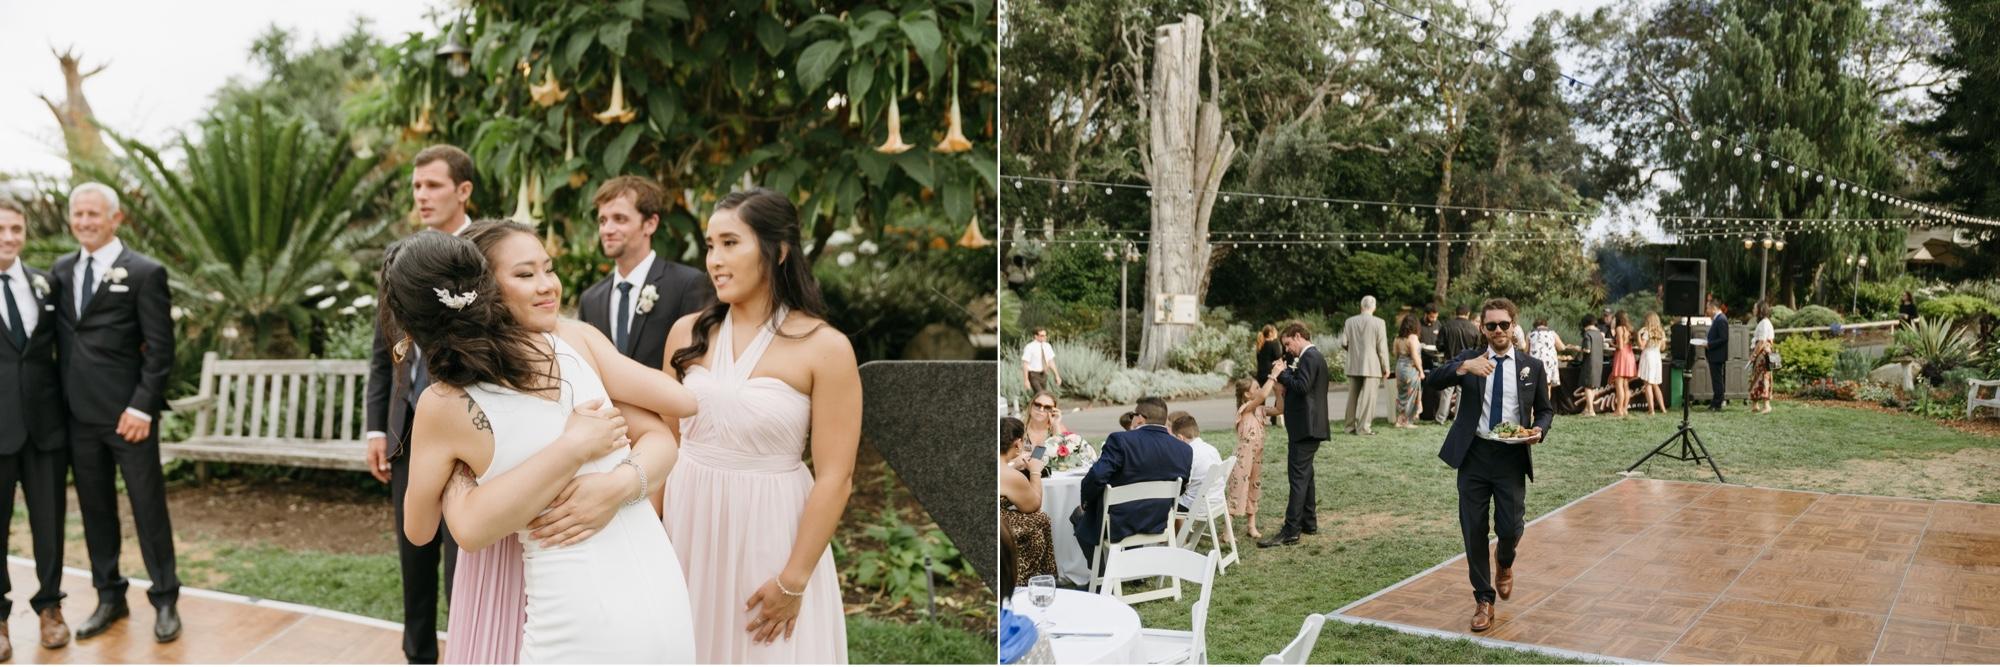 068_Shawna and Steve's Wedding-436_Shawna and Steve's Wedding-444.jpg